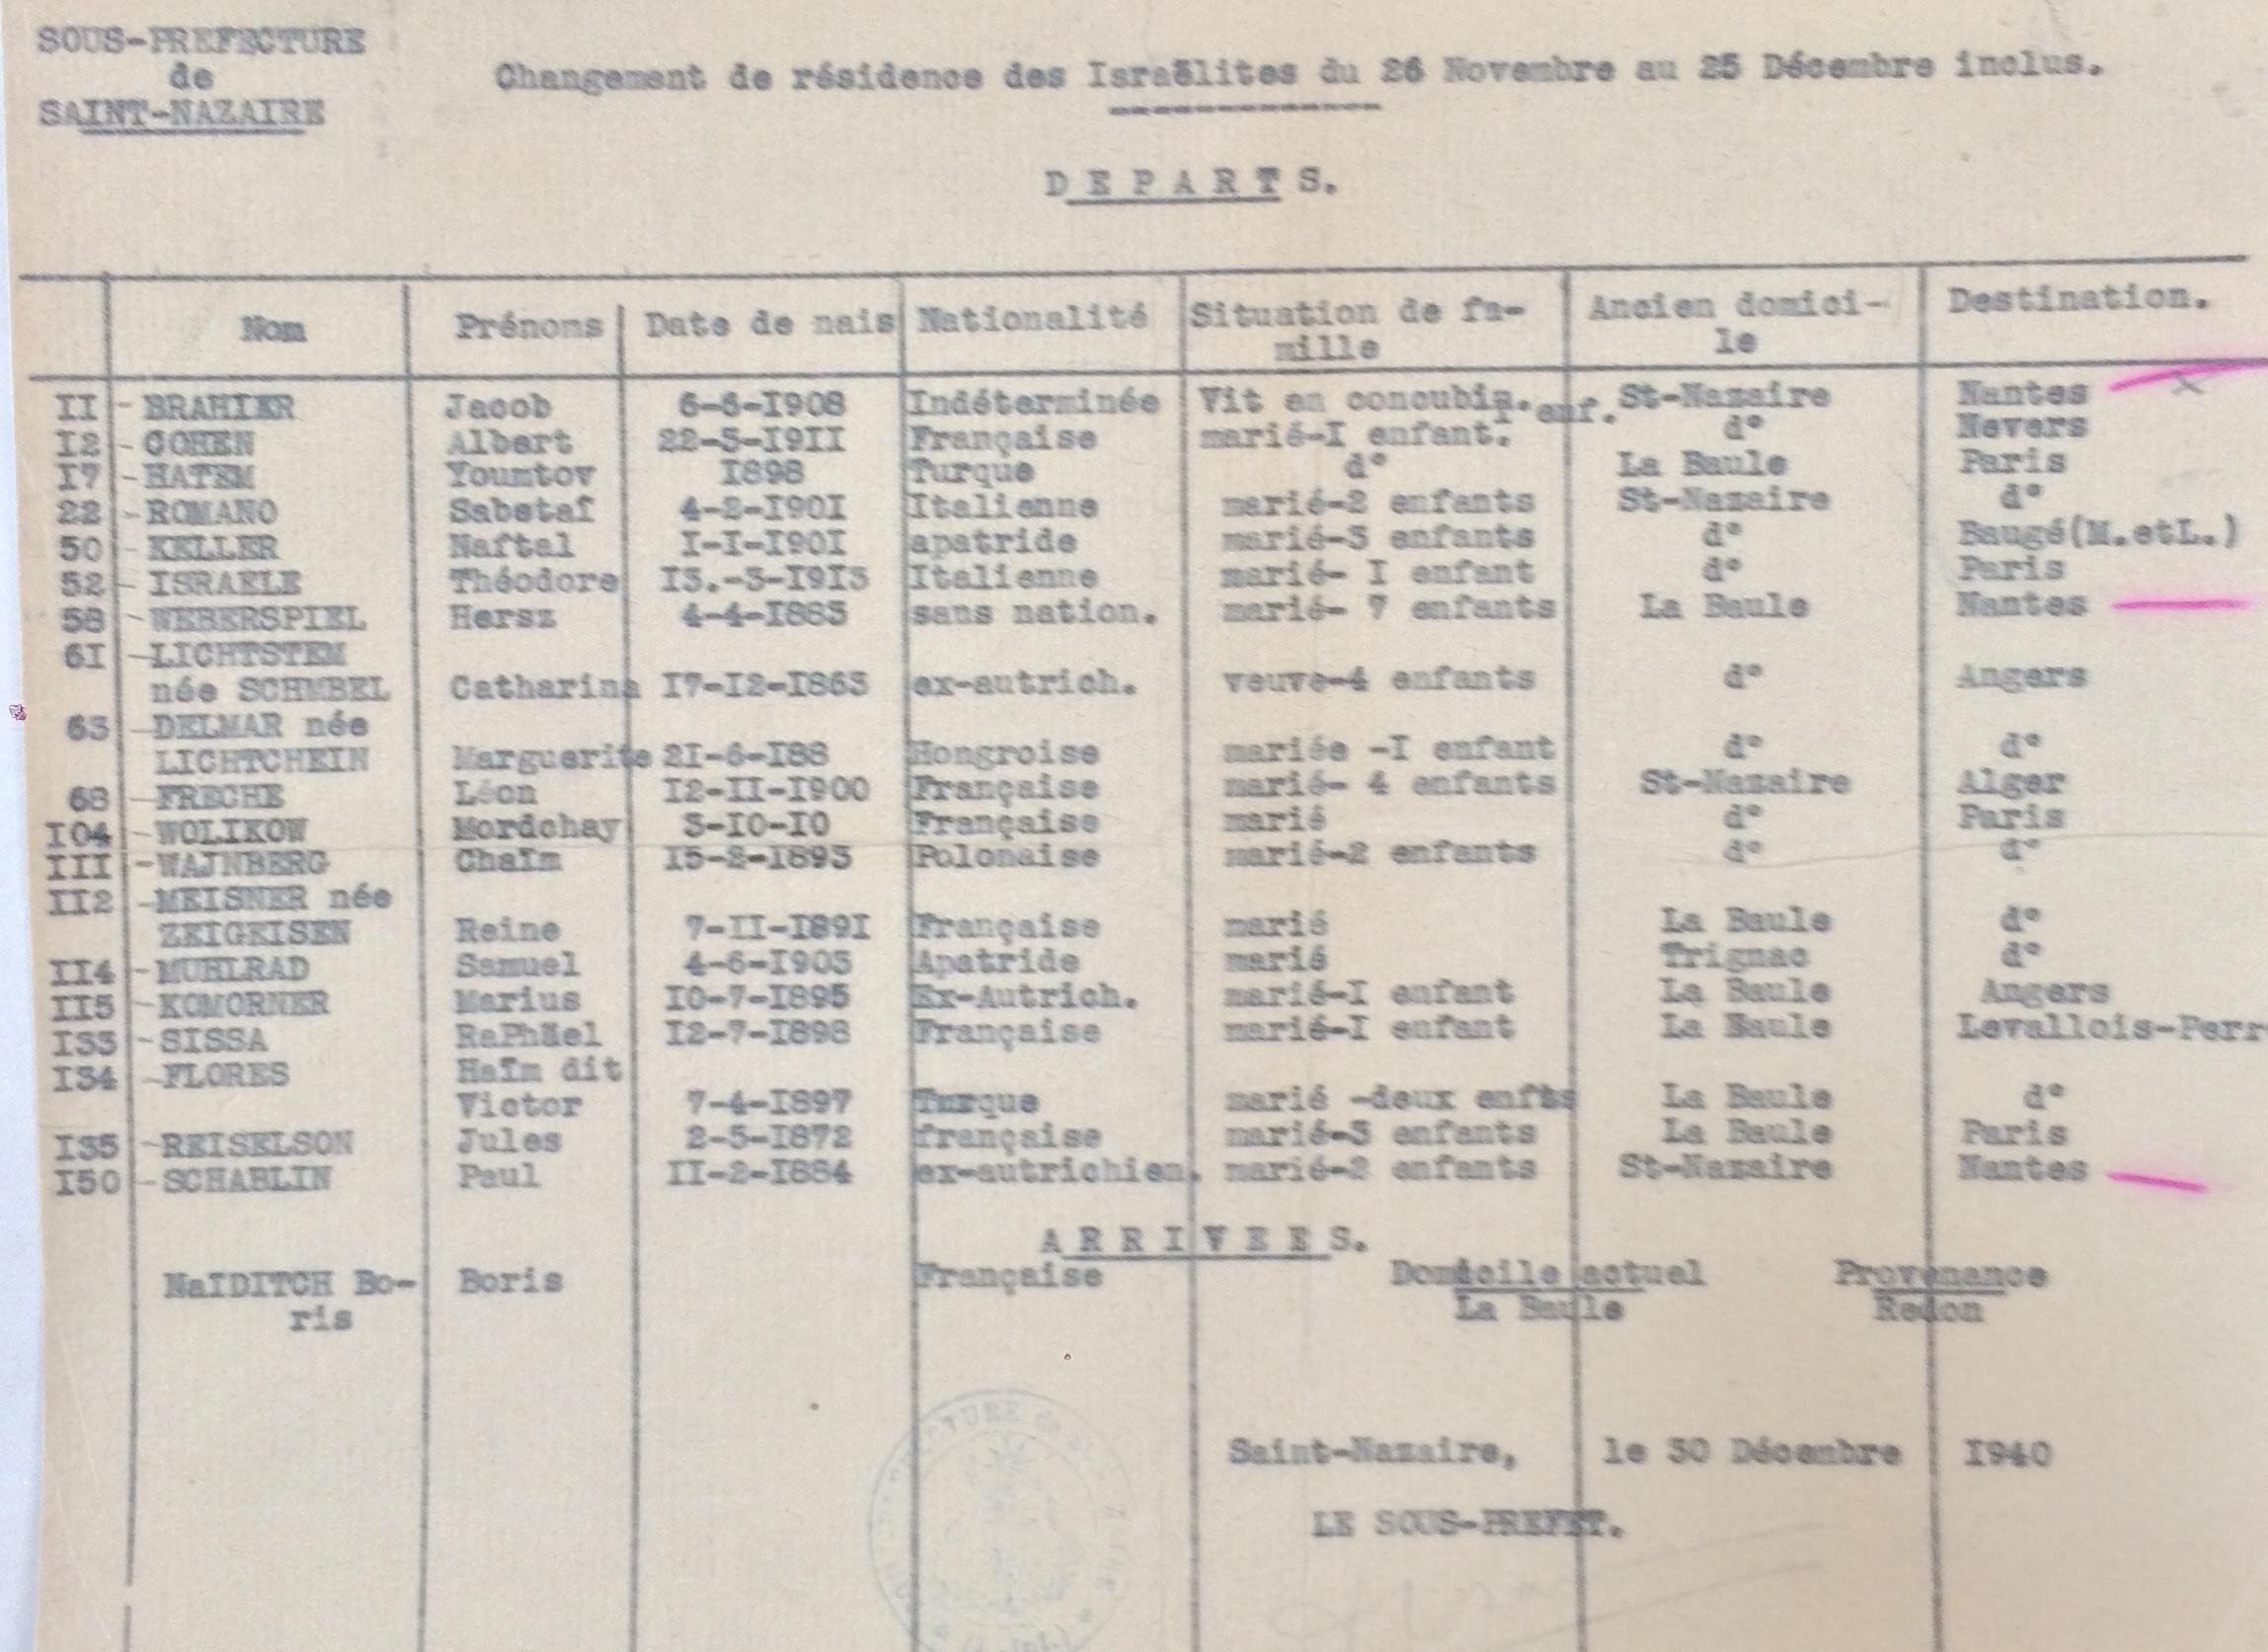 Contrôle déplacement Israélites 08 novembre 1940 [ADLA 1694W25]